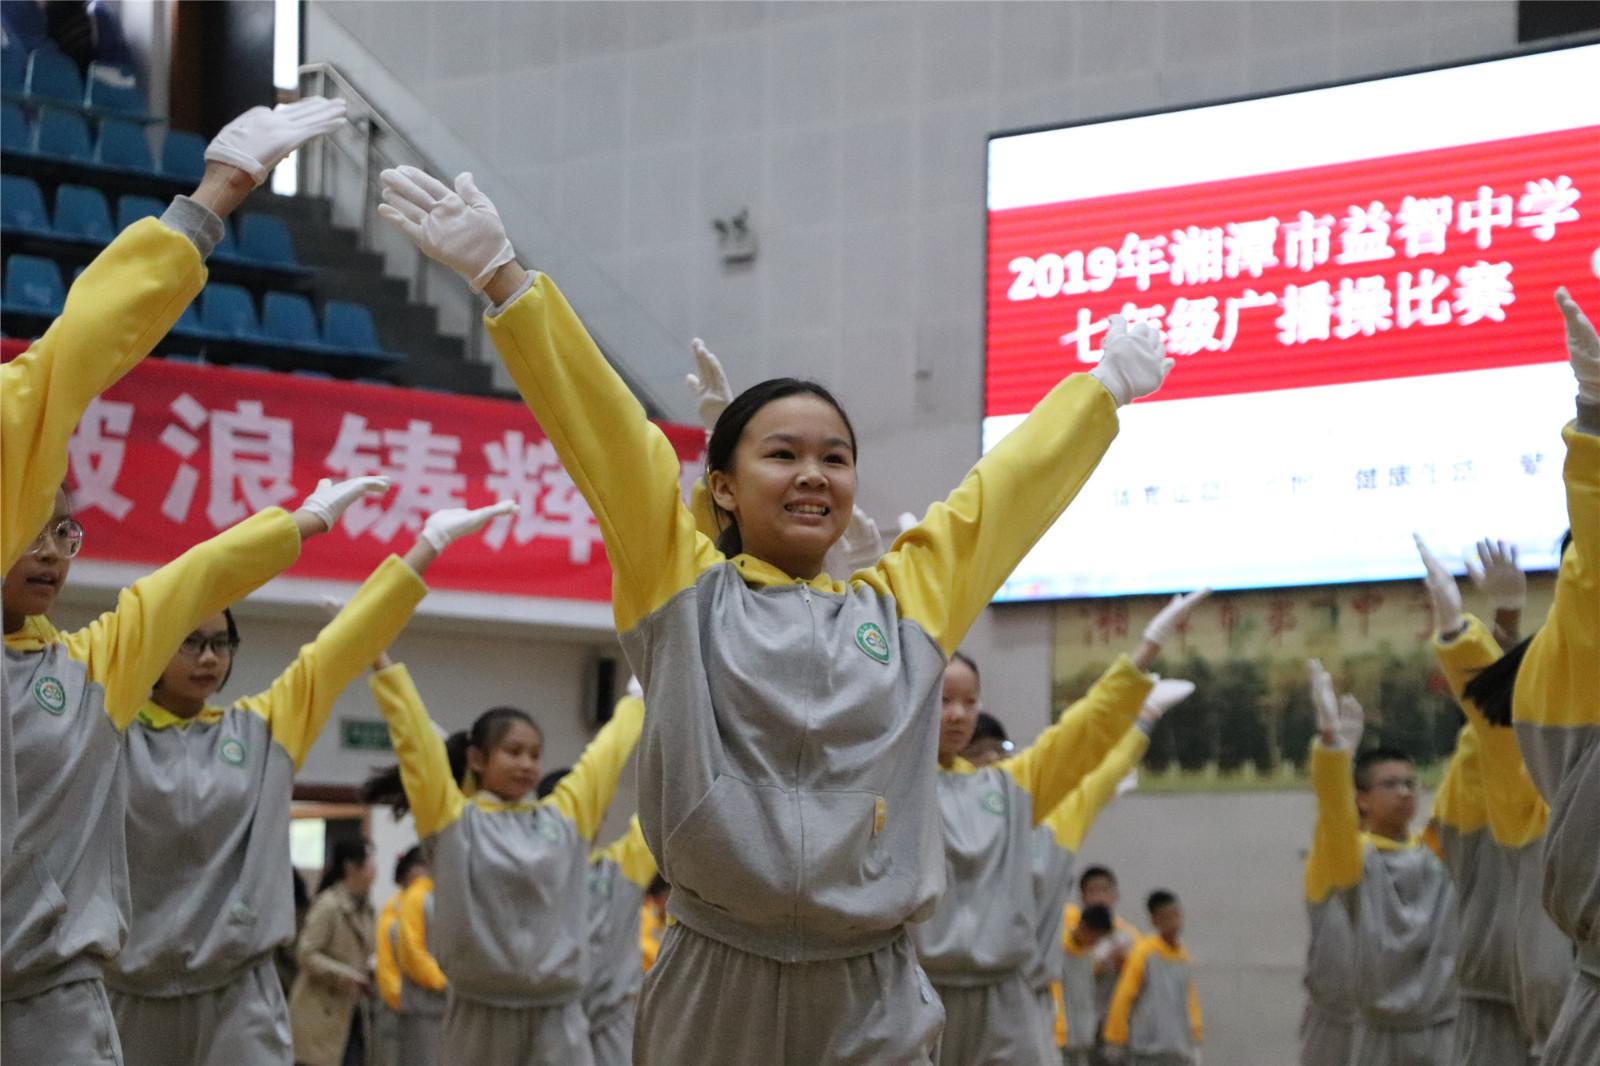 2019年湘潭市益智中学七年级广播操比赛圆满落幕